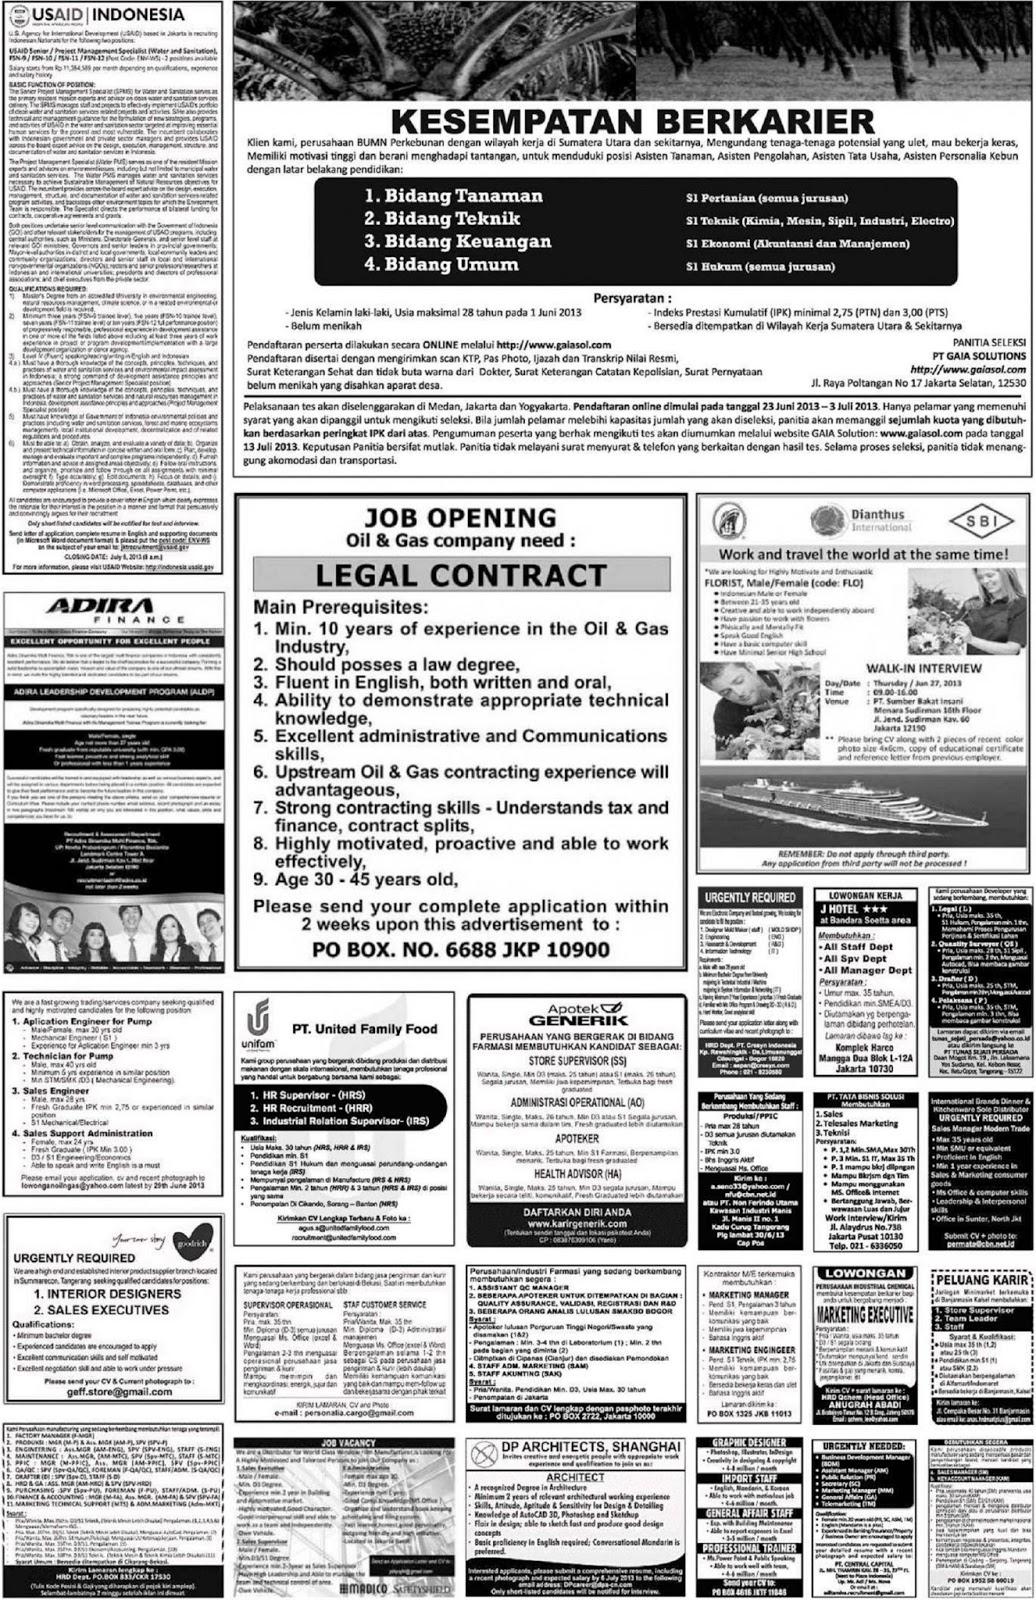 Info Lowongan Terbaru Di Pekalongan Portal Info Lowongan Kerja Di Semarang Jawa Tengah Terbaru Portal Info Lowongan Kerja Di Yogyakarta Terbaru 2015 Share The